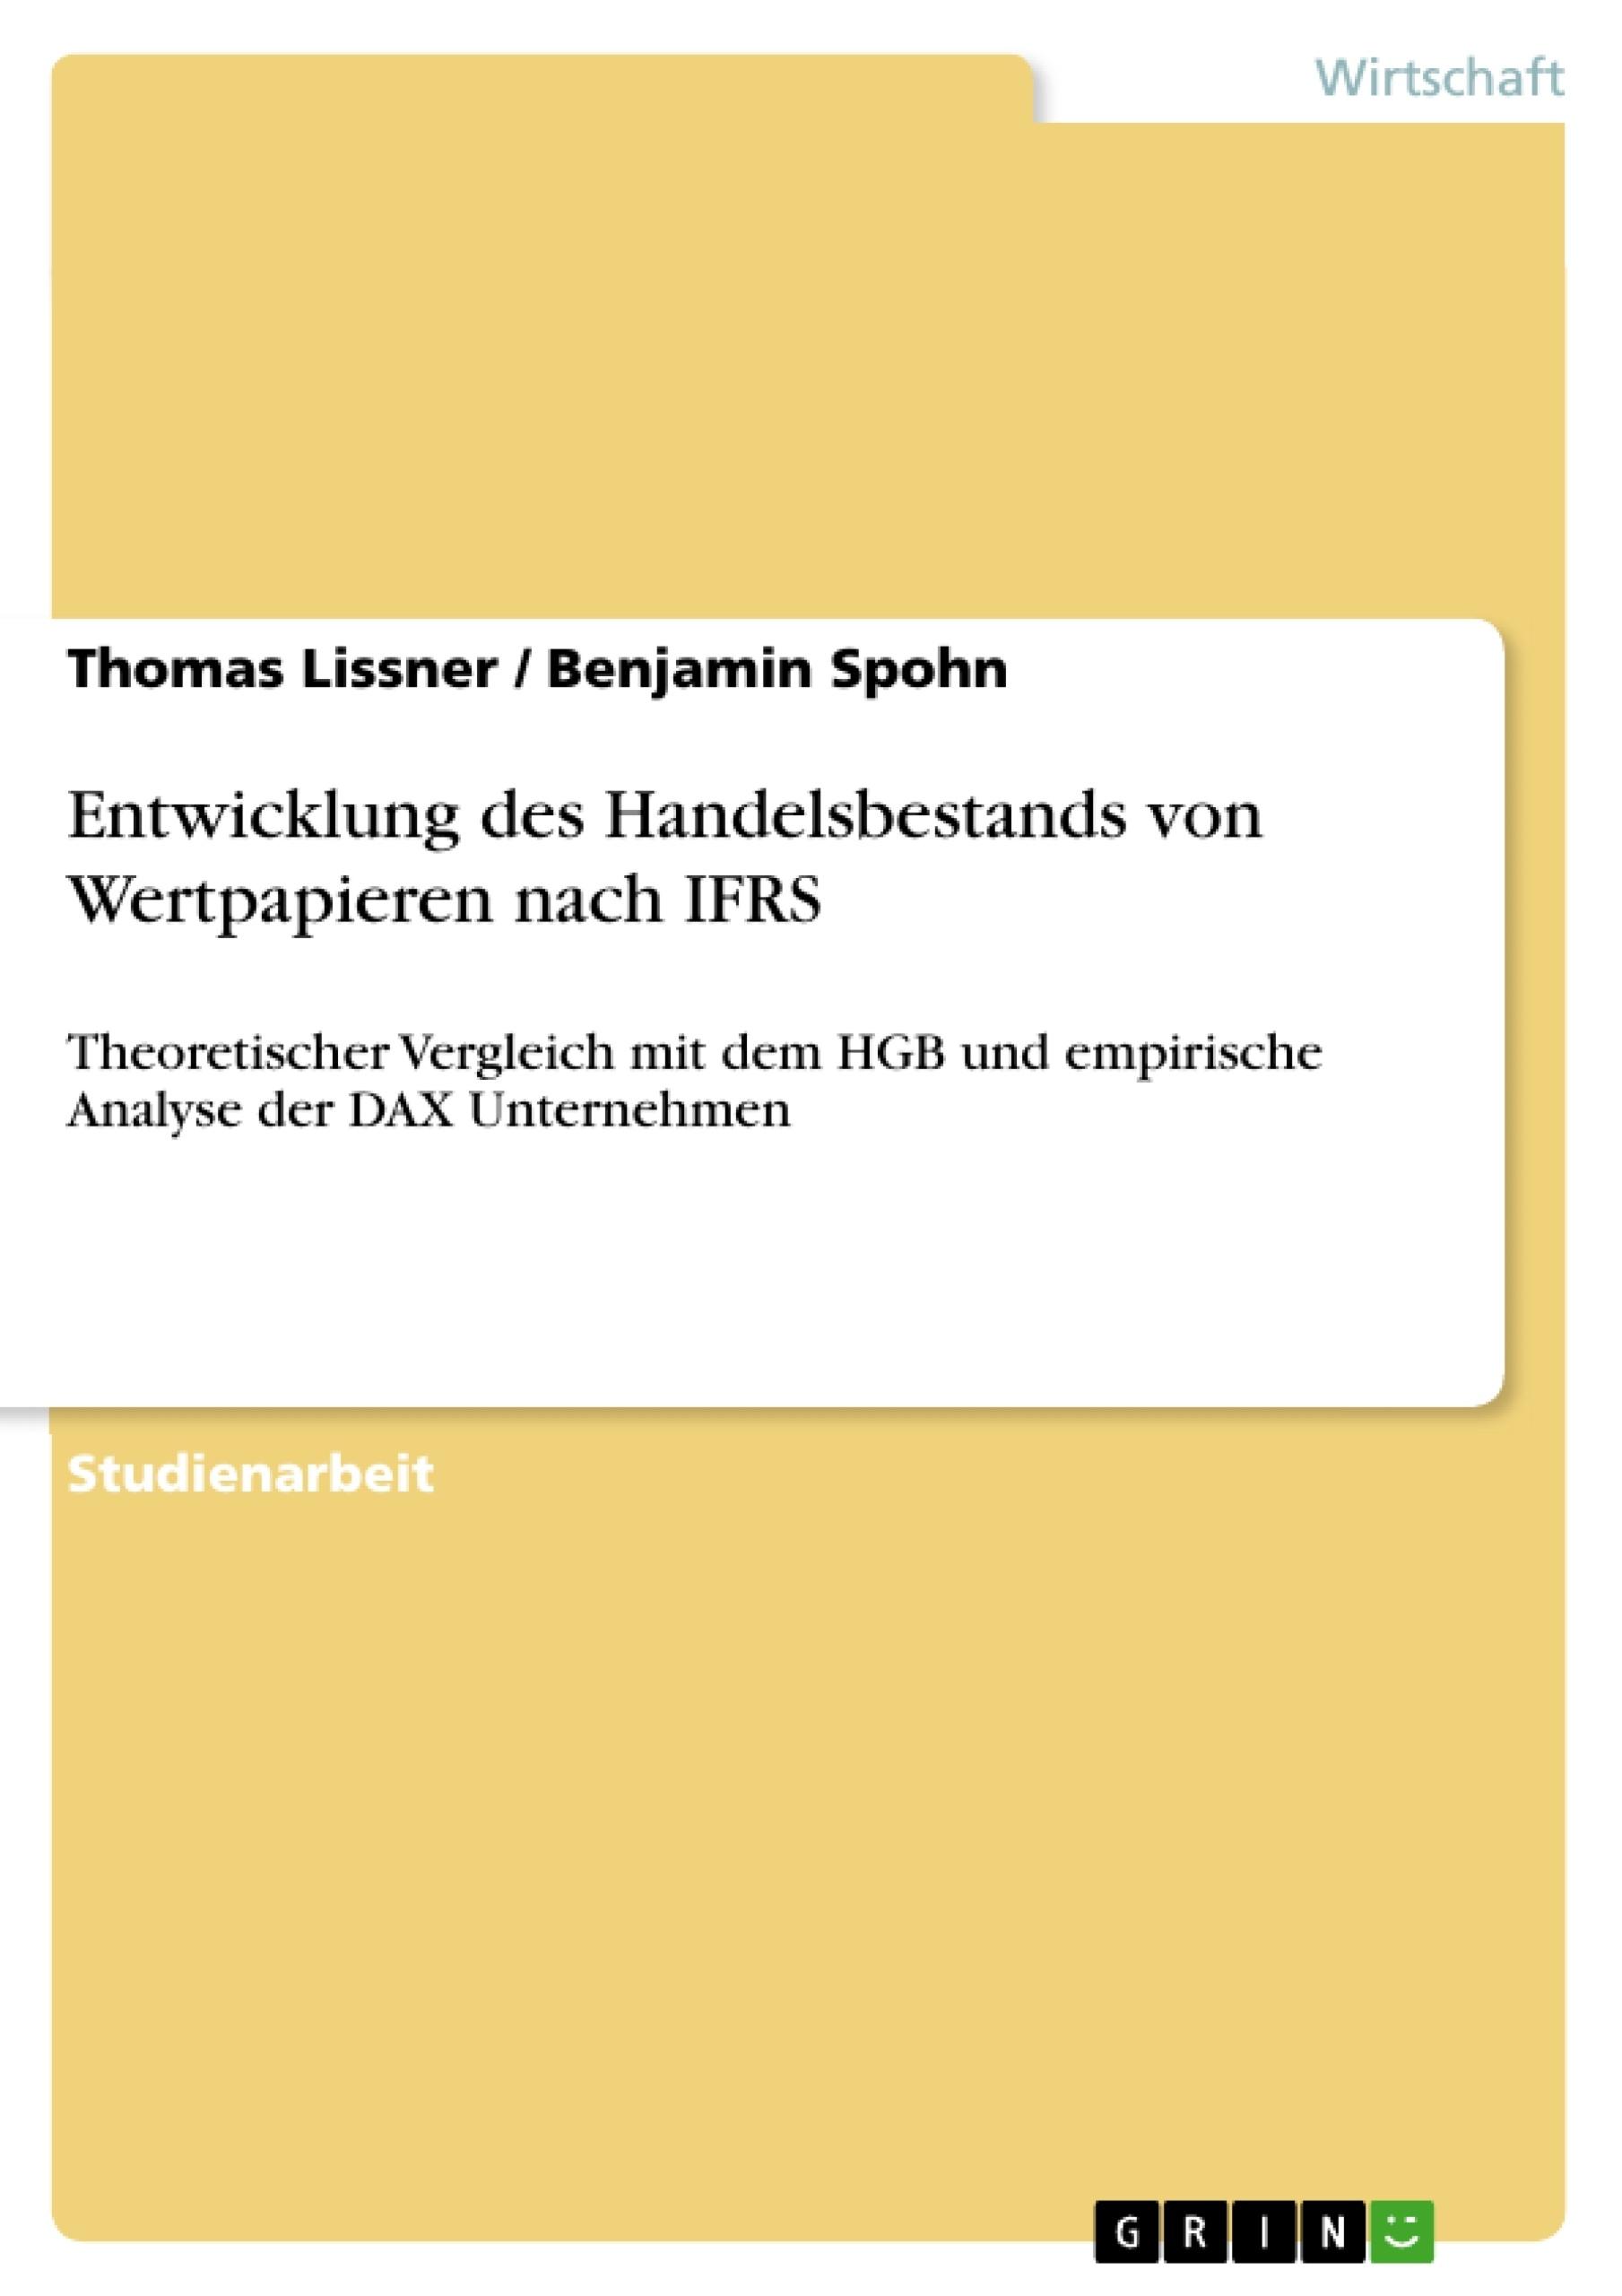 Titel: Entwicklung des Handelsbestands von Wertpapieren nach IFRS